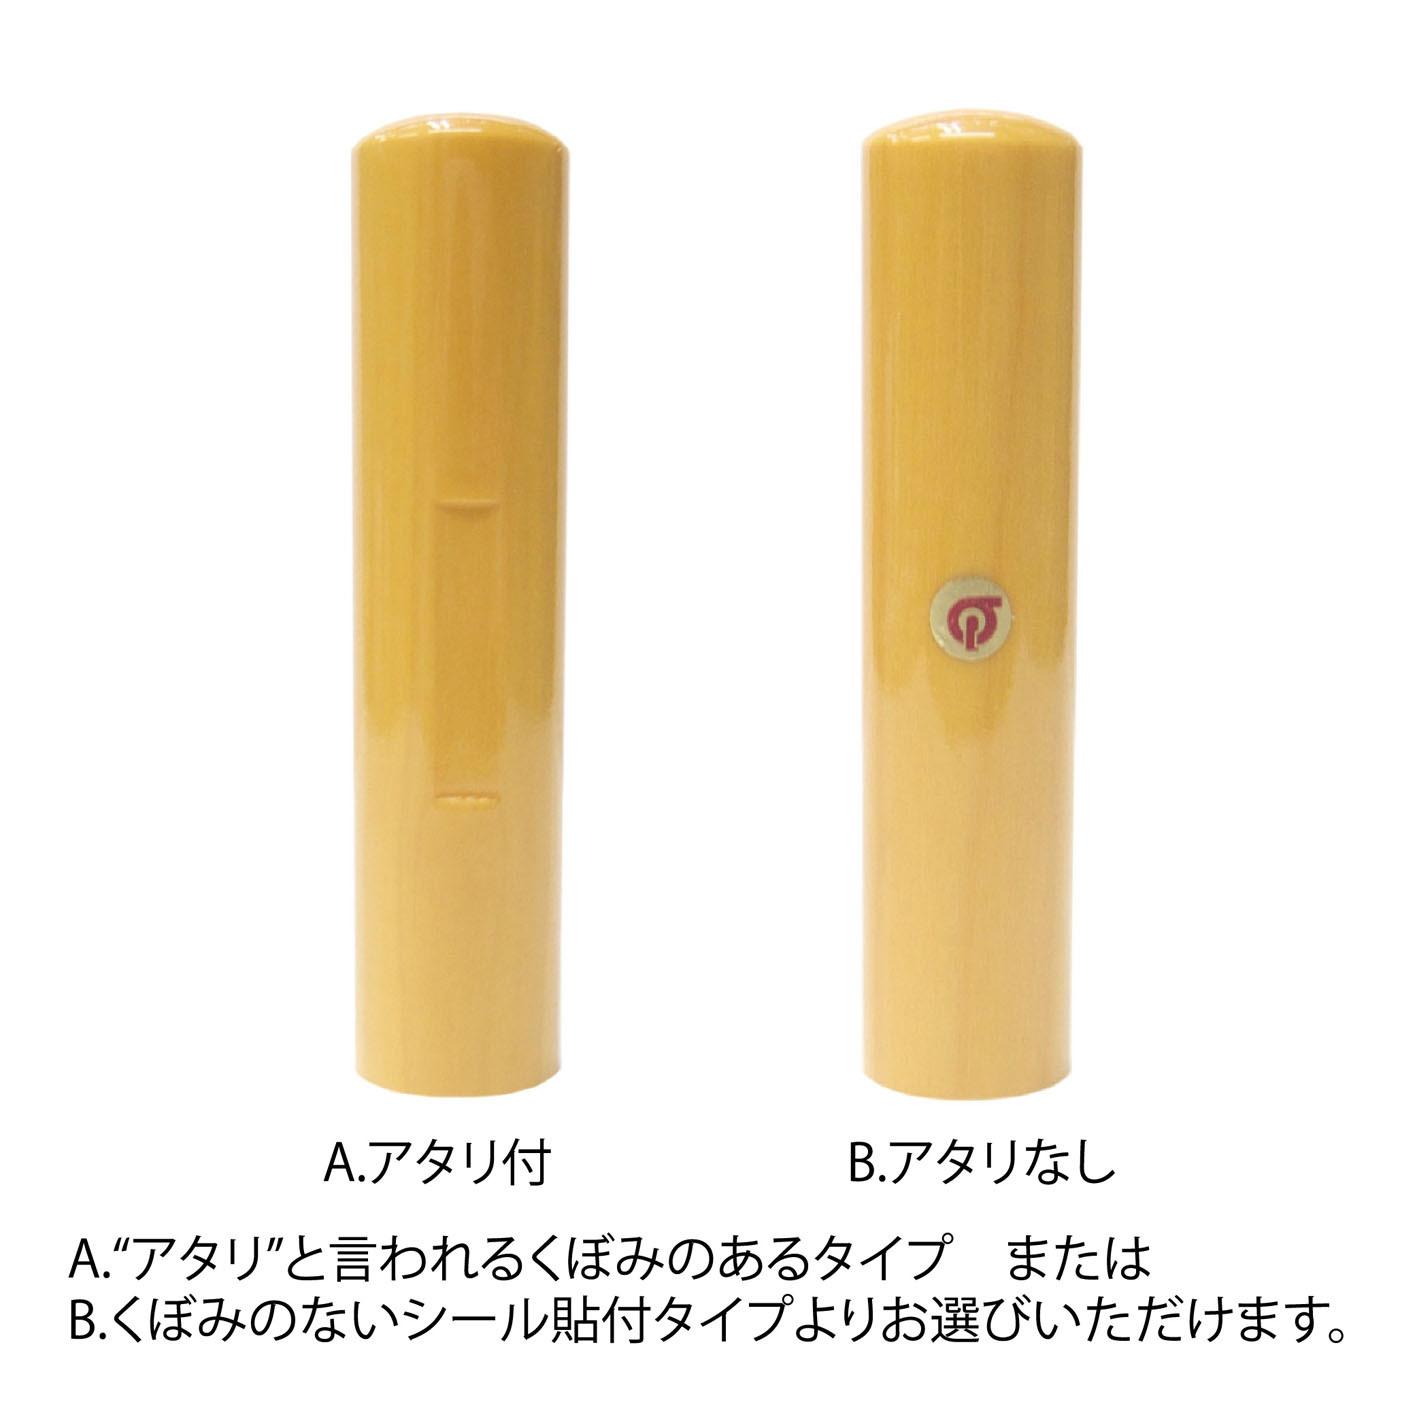 薩摩本柘個人実印18mm丸(姓名彫刻)